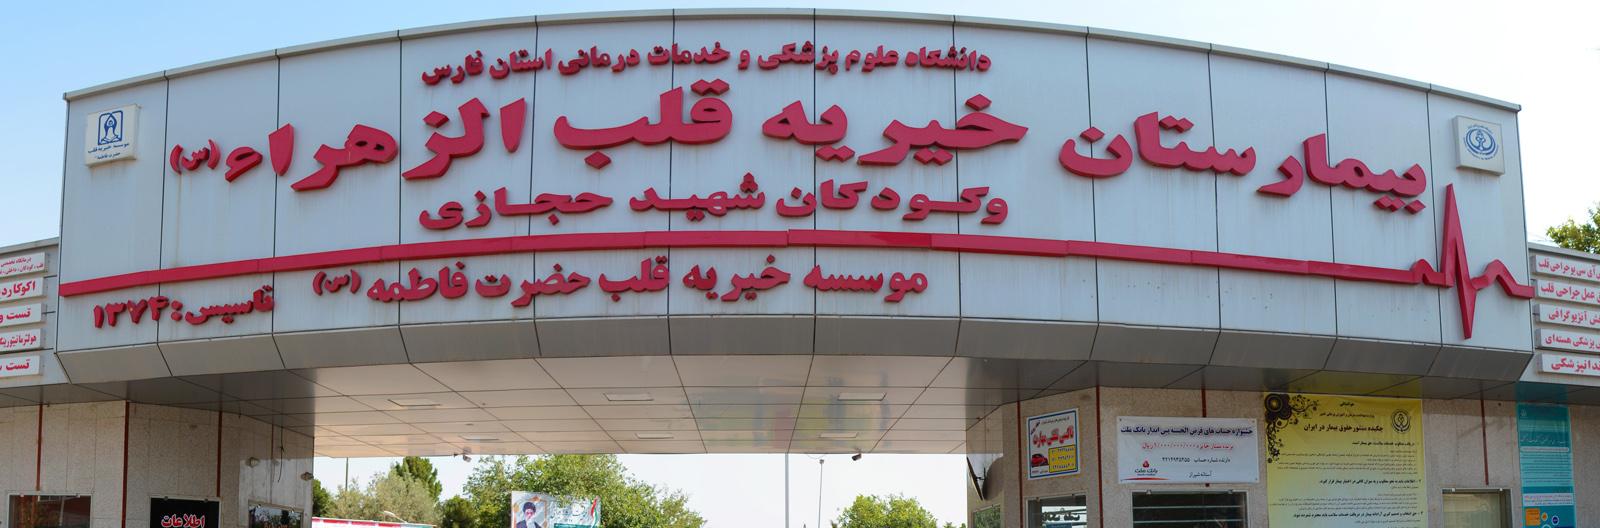 بیمارستان خیریه قلب الزهراء س و کودکان شهید حجازی